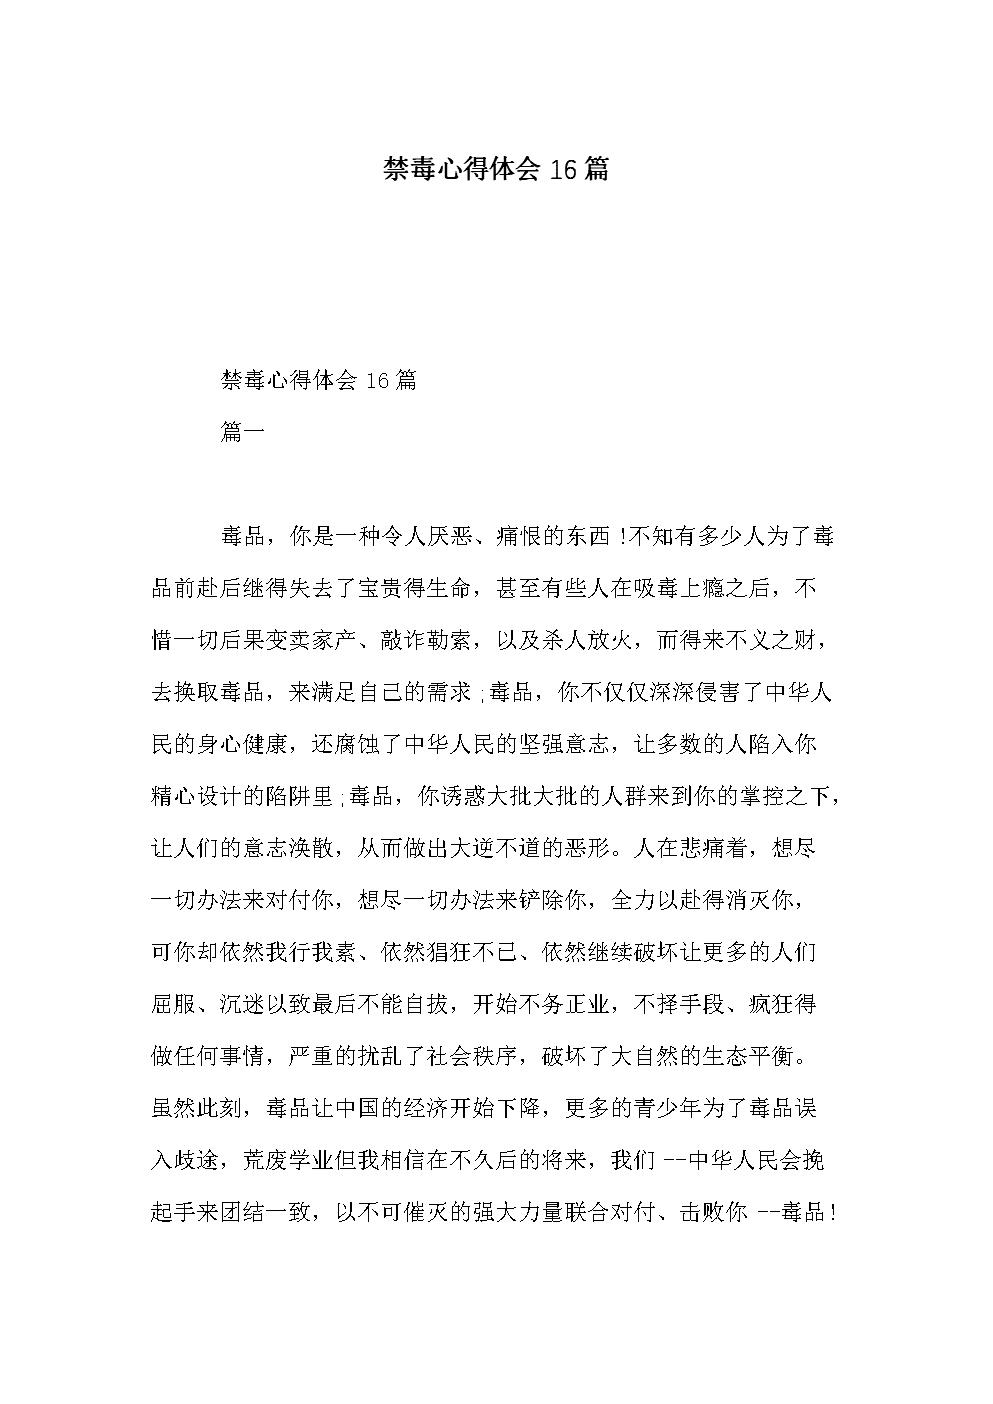 禁毒心得体会16篇.doc